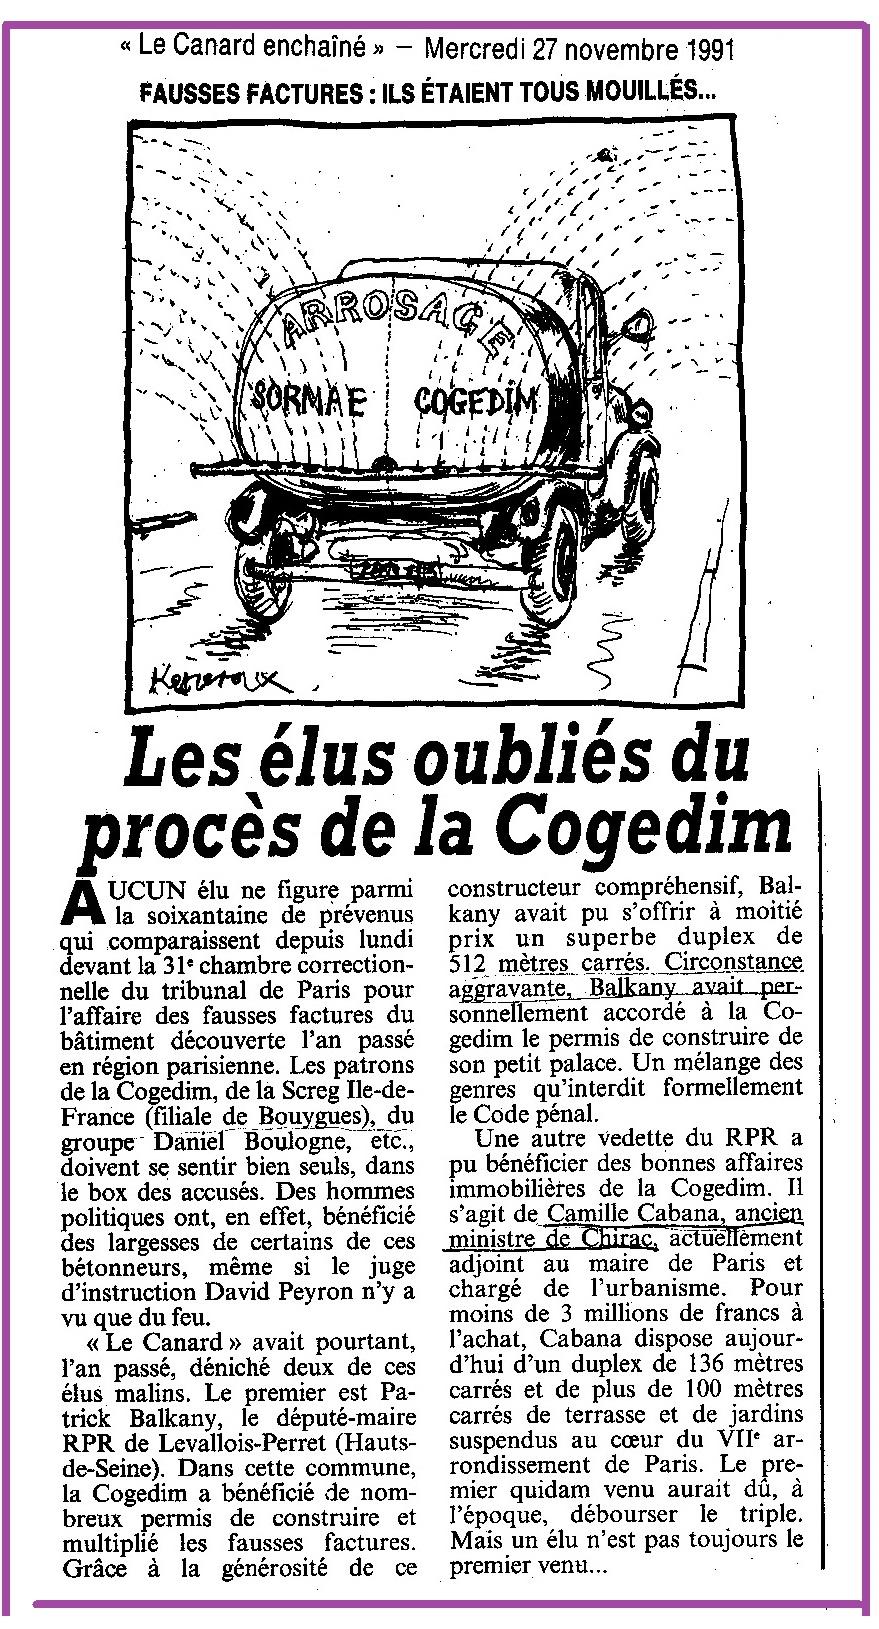 Cogedim Elus oubliés Bouygues